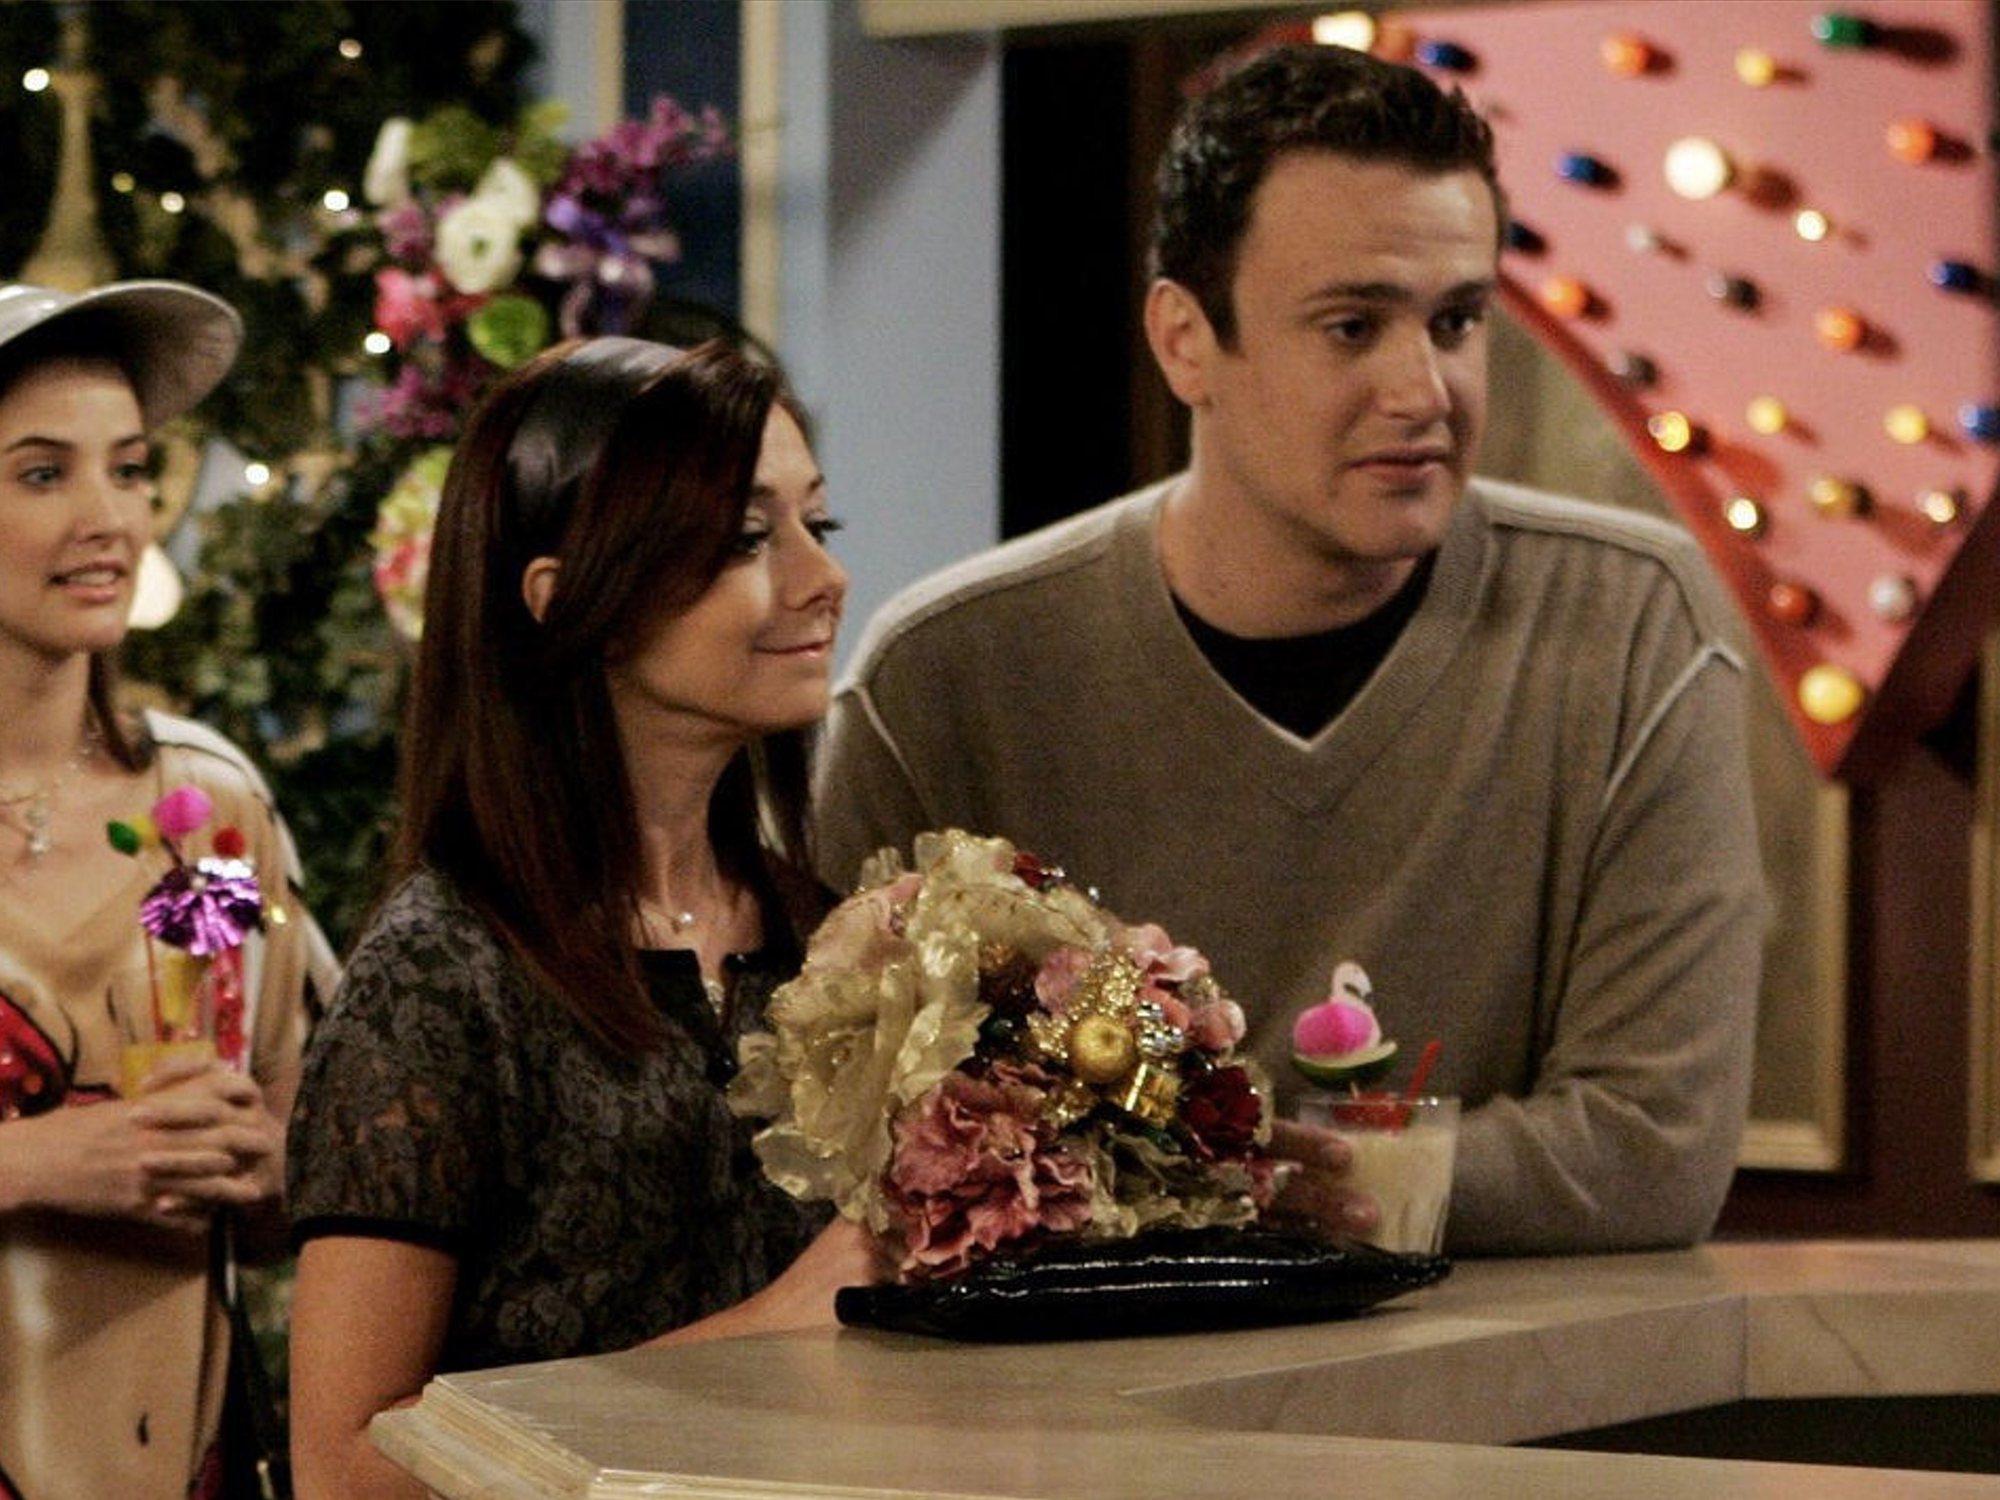 El motivo por el que a Lily no le gustaba besar a Marshall y se sentía incómoda